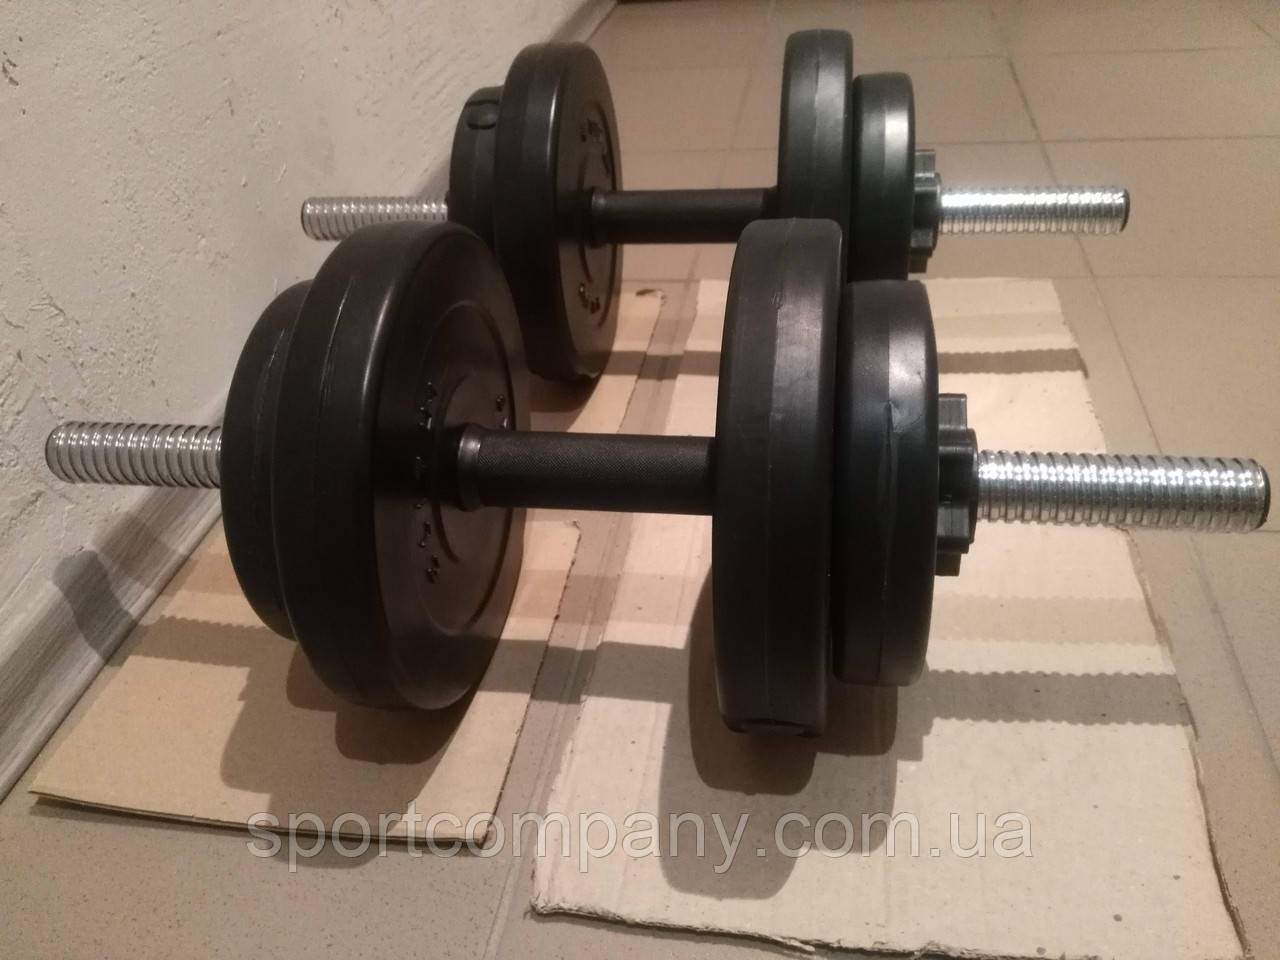 Гантели композитные 2 х 26 кг